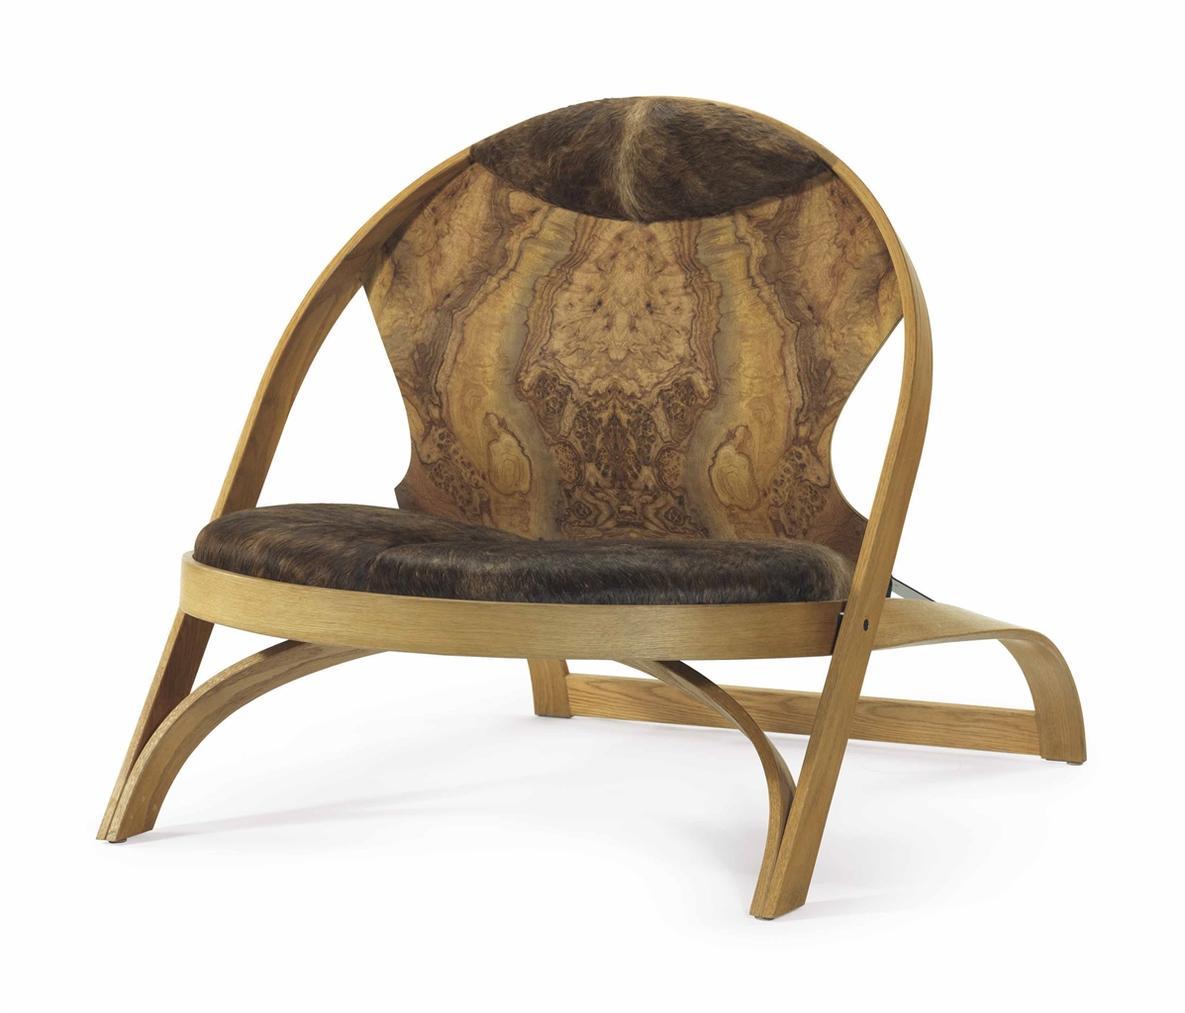 Richard Artschwager-Chair/Chair-1990